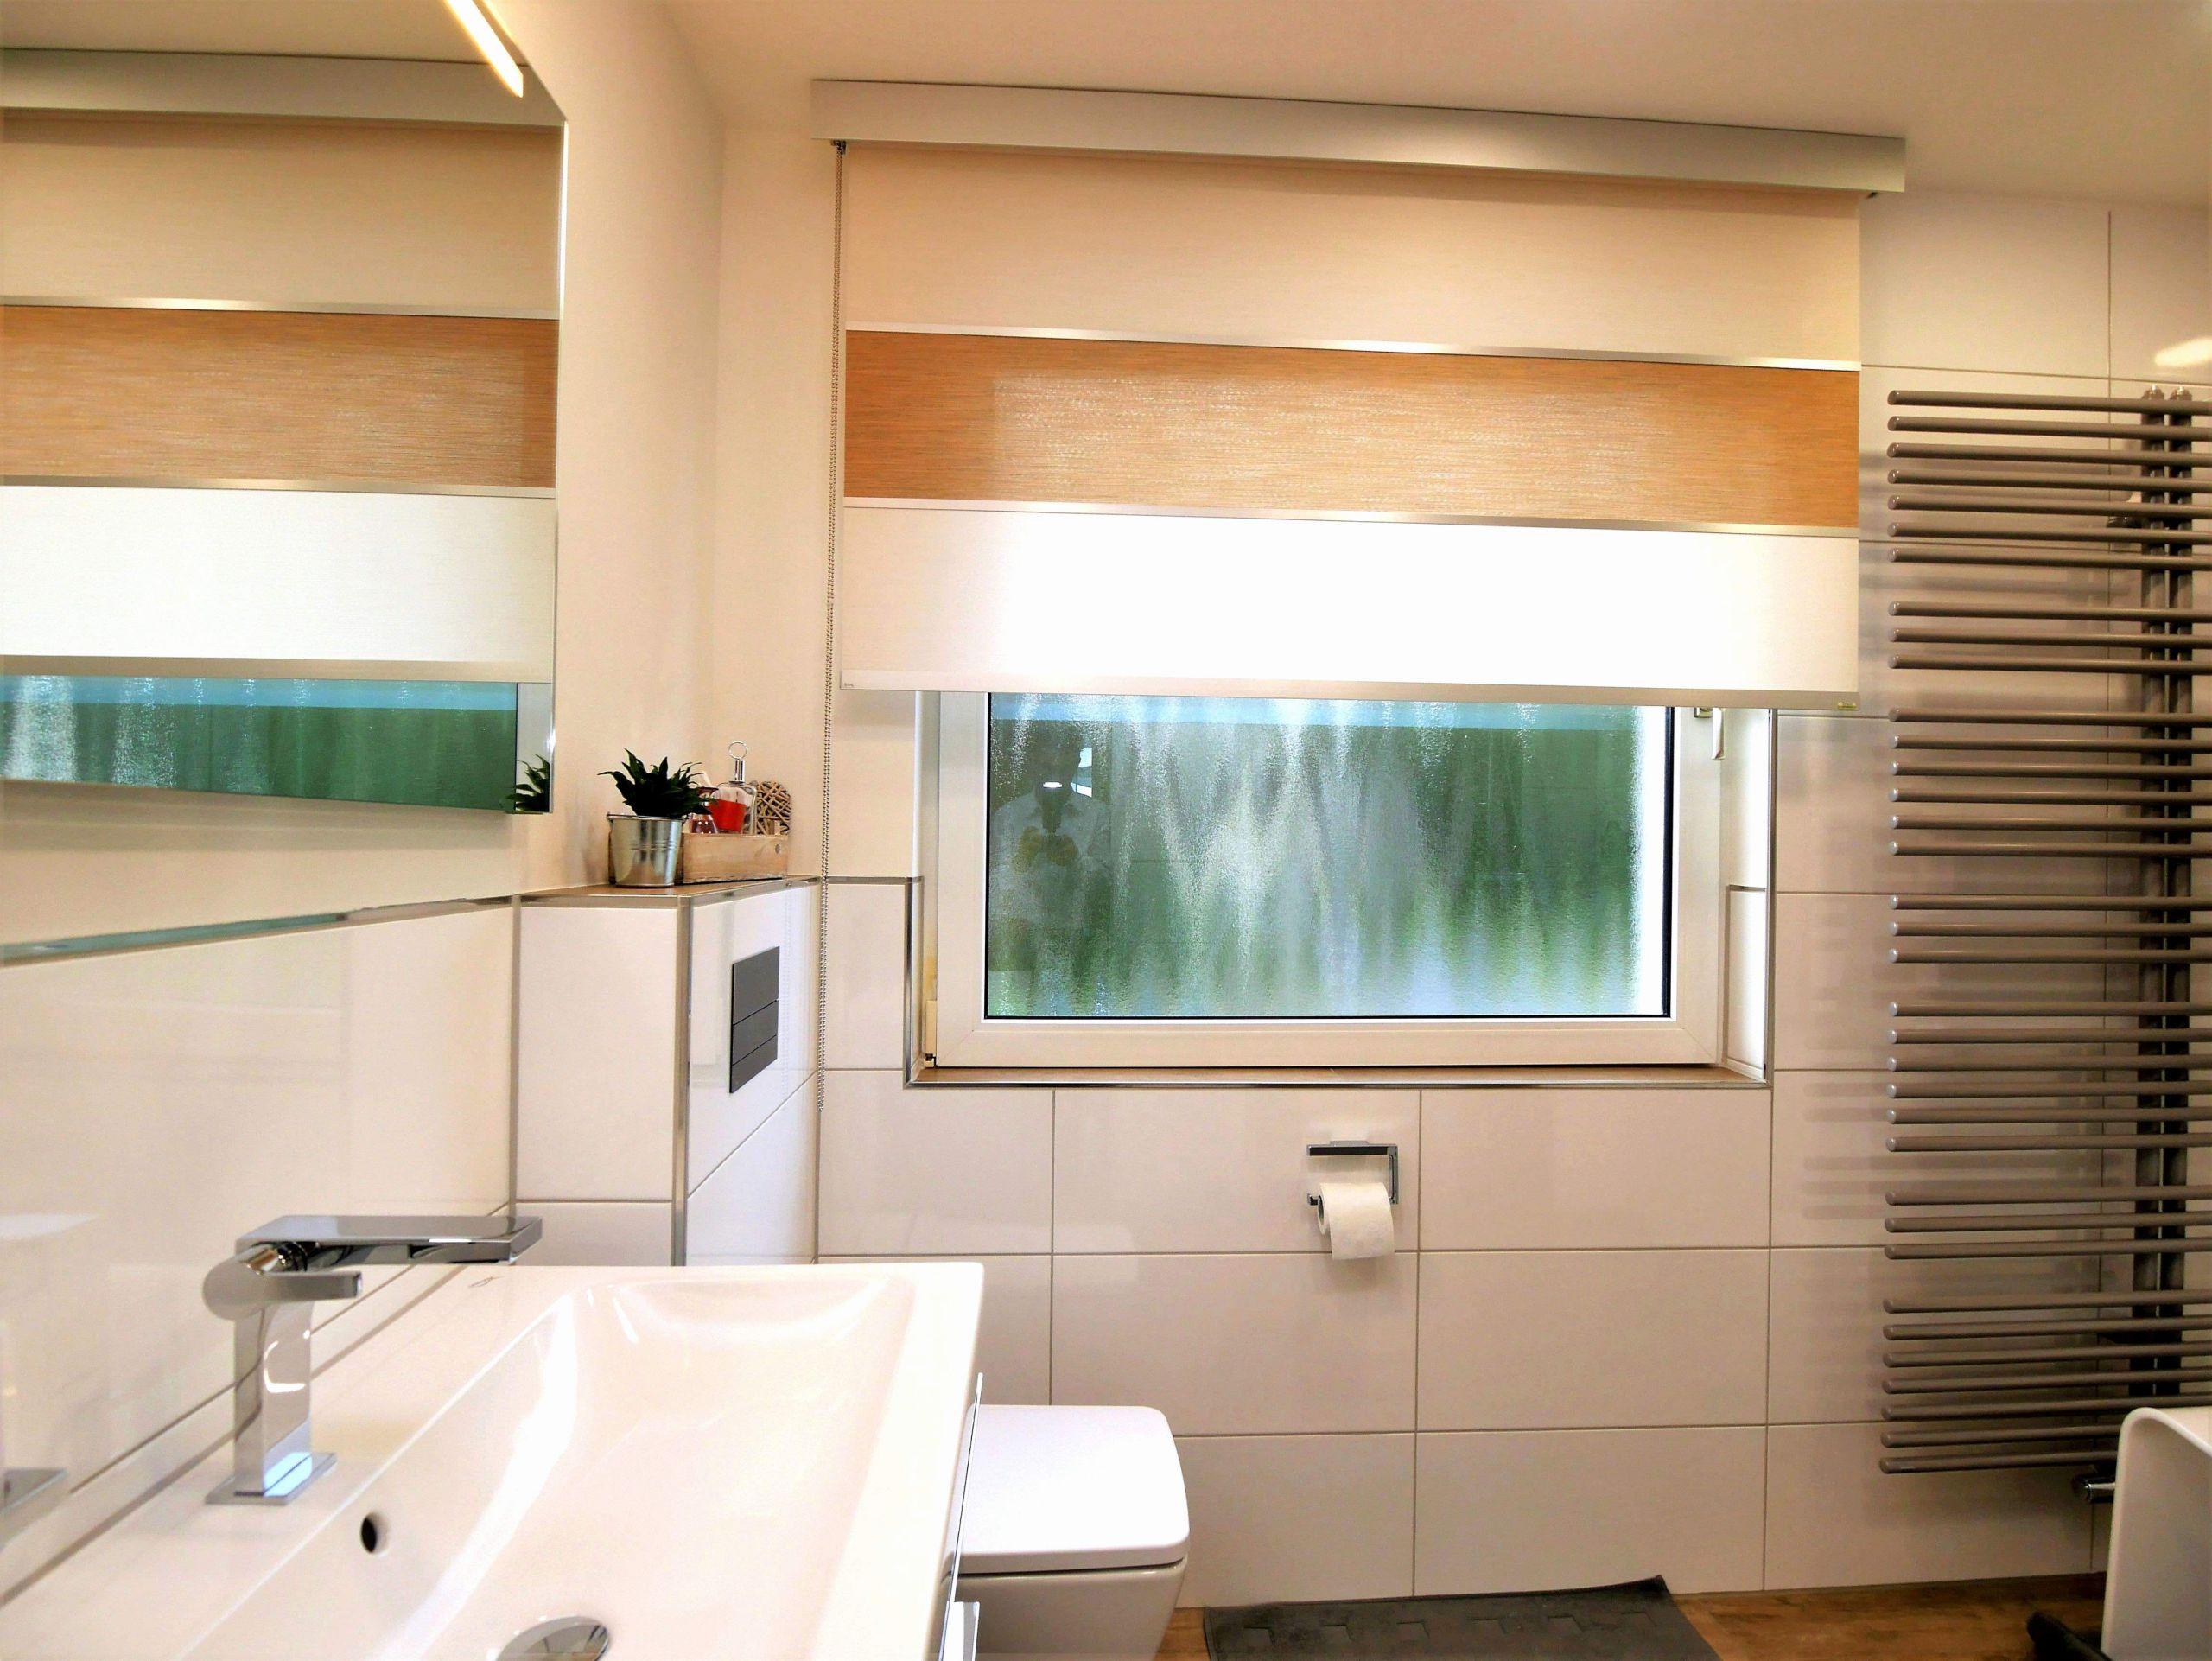 Full Size of 29 Elegant Raffrollo Wohnzimmer Modern Luxus Frisch Esstisch Moderne Bilder Fürs Bett Design Modernes Sofa 180x200 Küche Landhausküche Tapete Holz Weiss Wohnzimmer Raffrollo Modern